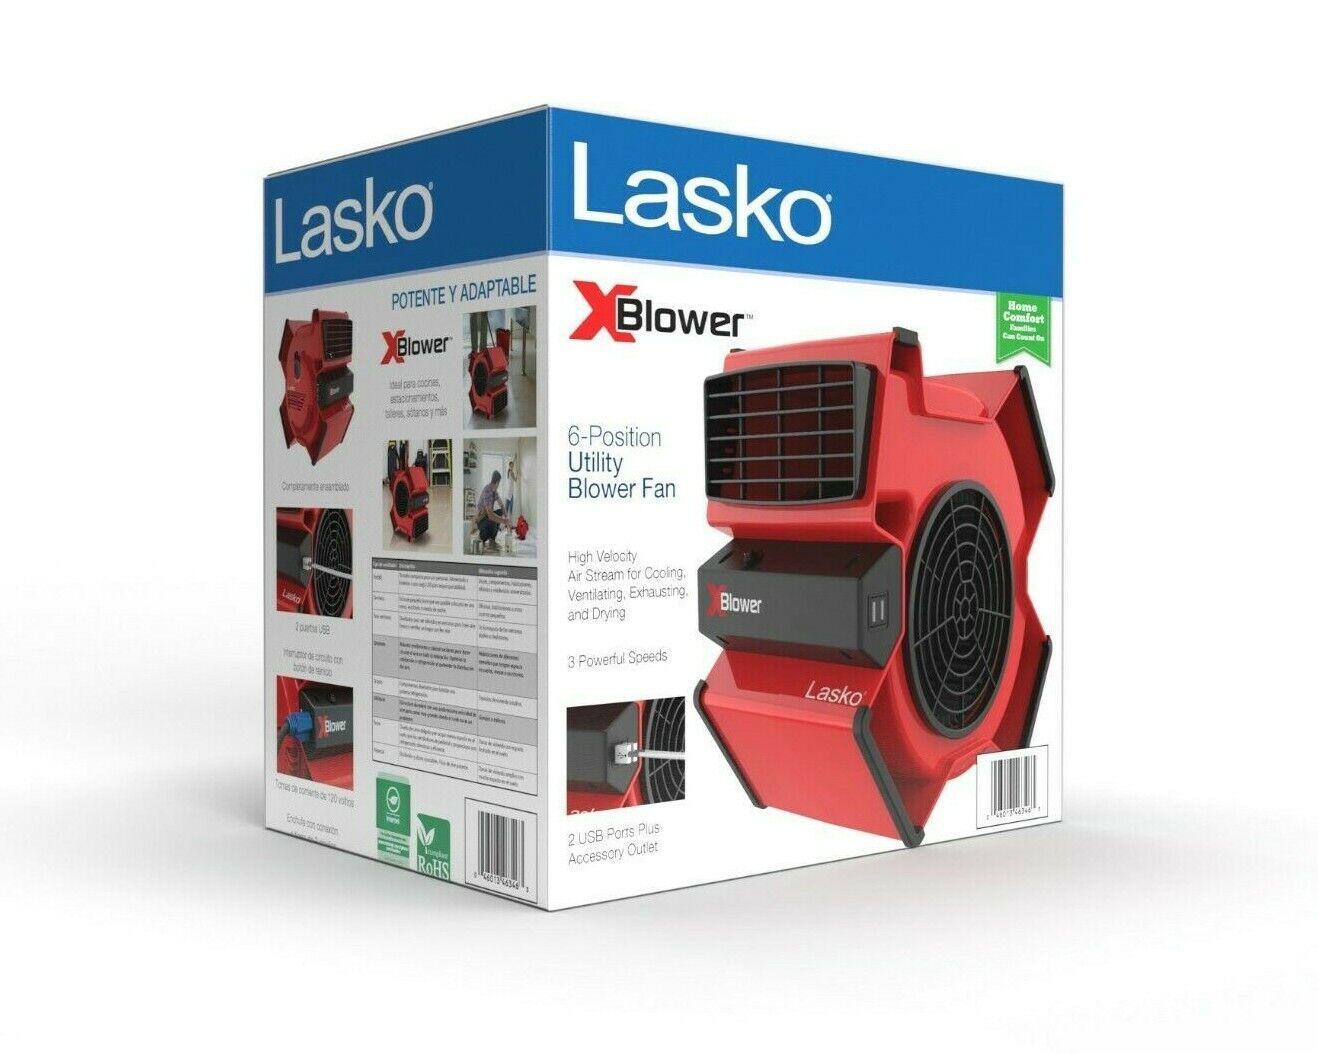 Lasko X-Blower Multi-Position Utility Blower Fan, Model X129